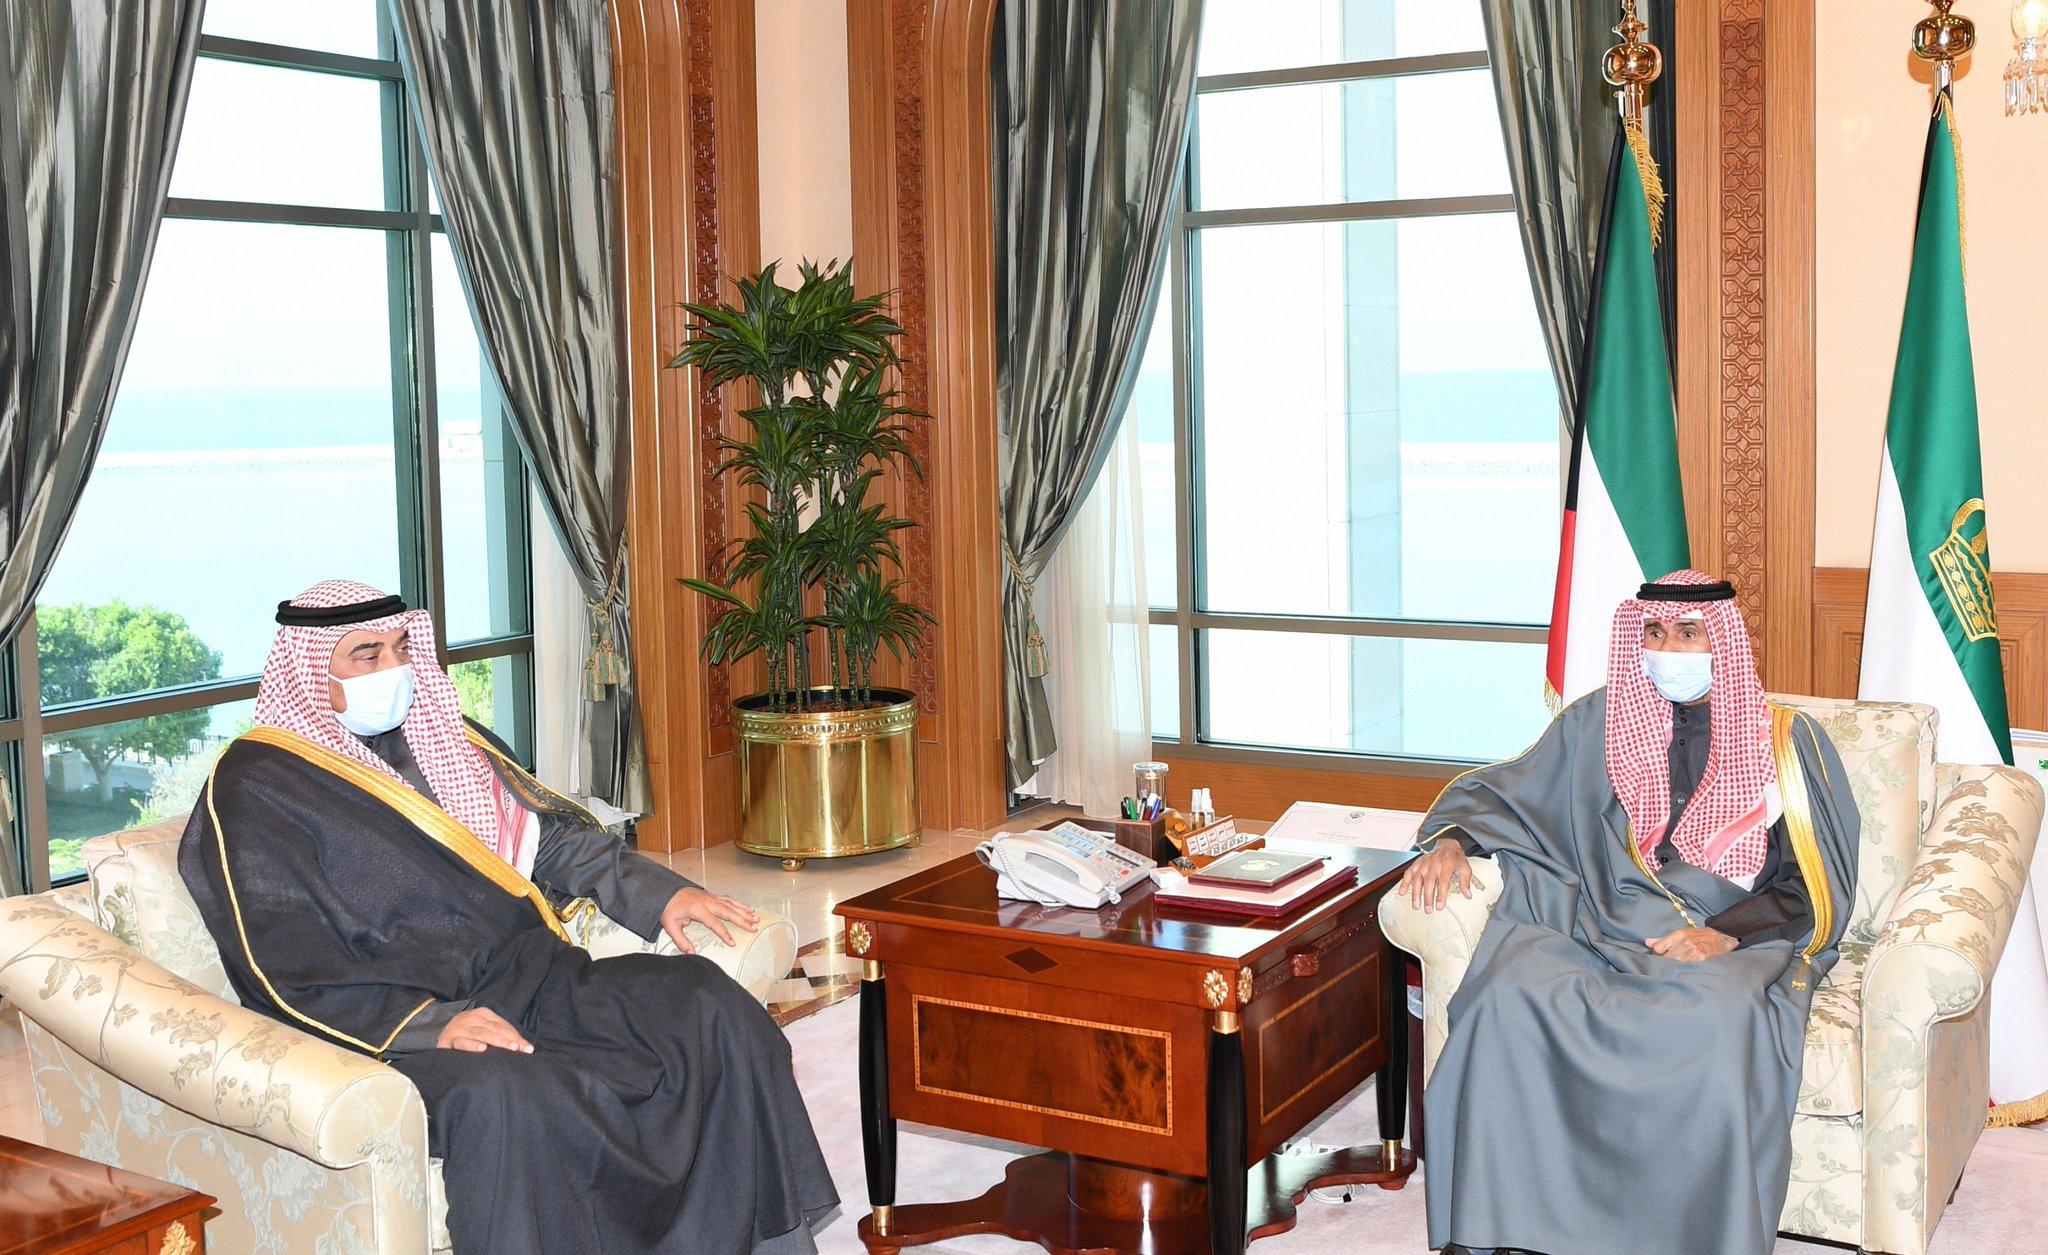 صاحب السمو يصدر أمراً أميرياً بتعيين سمو الشيخ صباح الخالد رئيساً للوزراء. #العبدلي